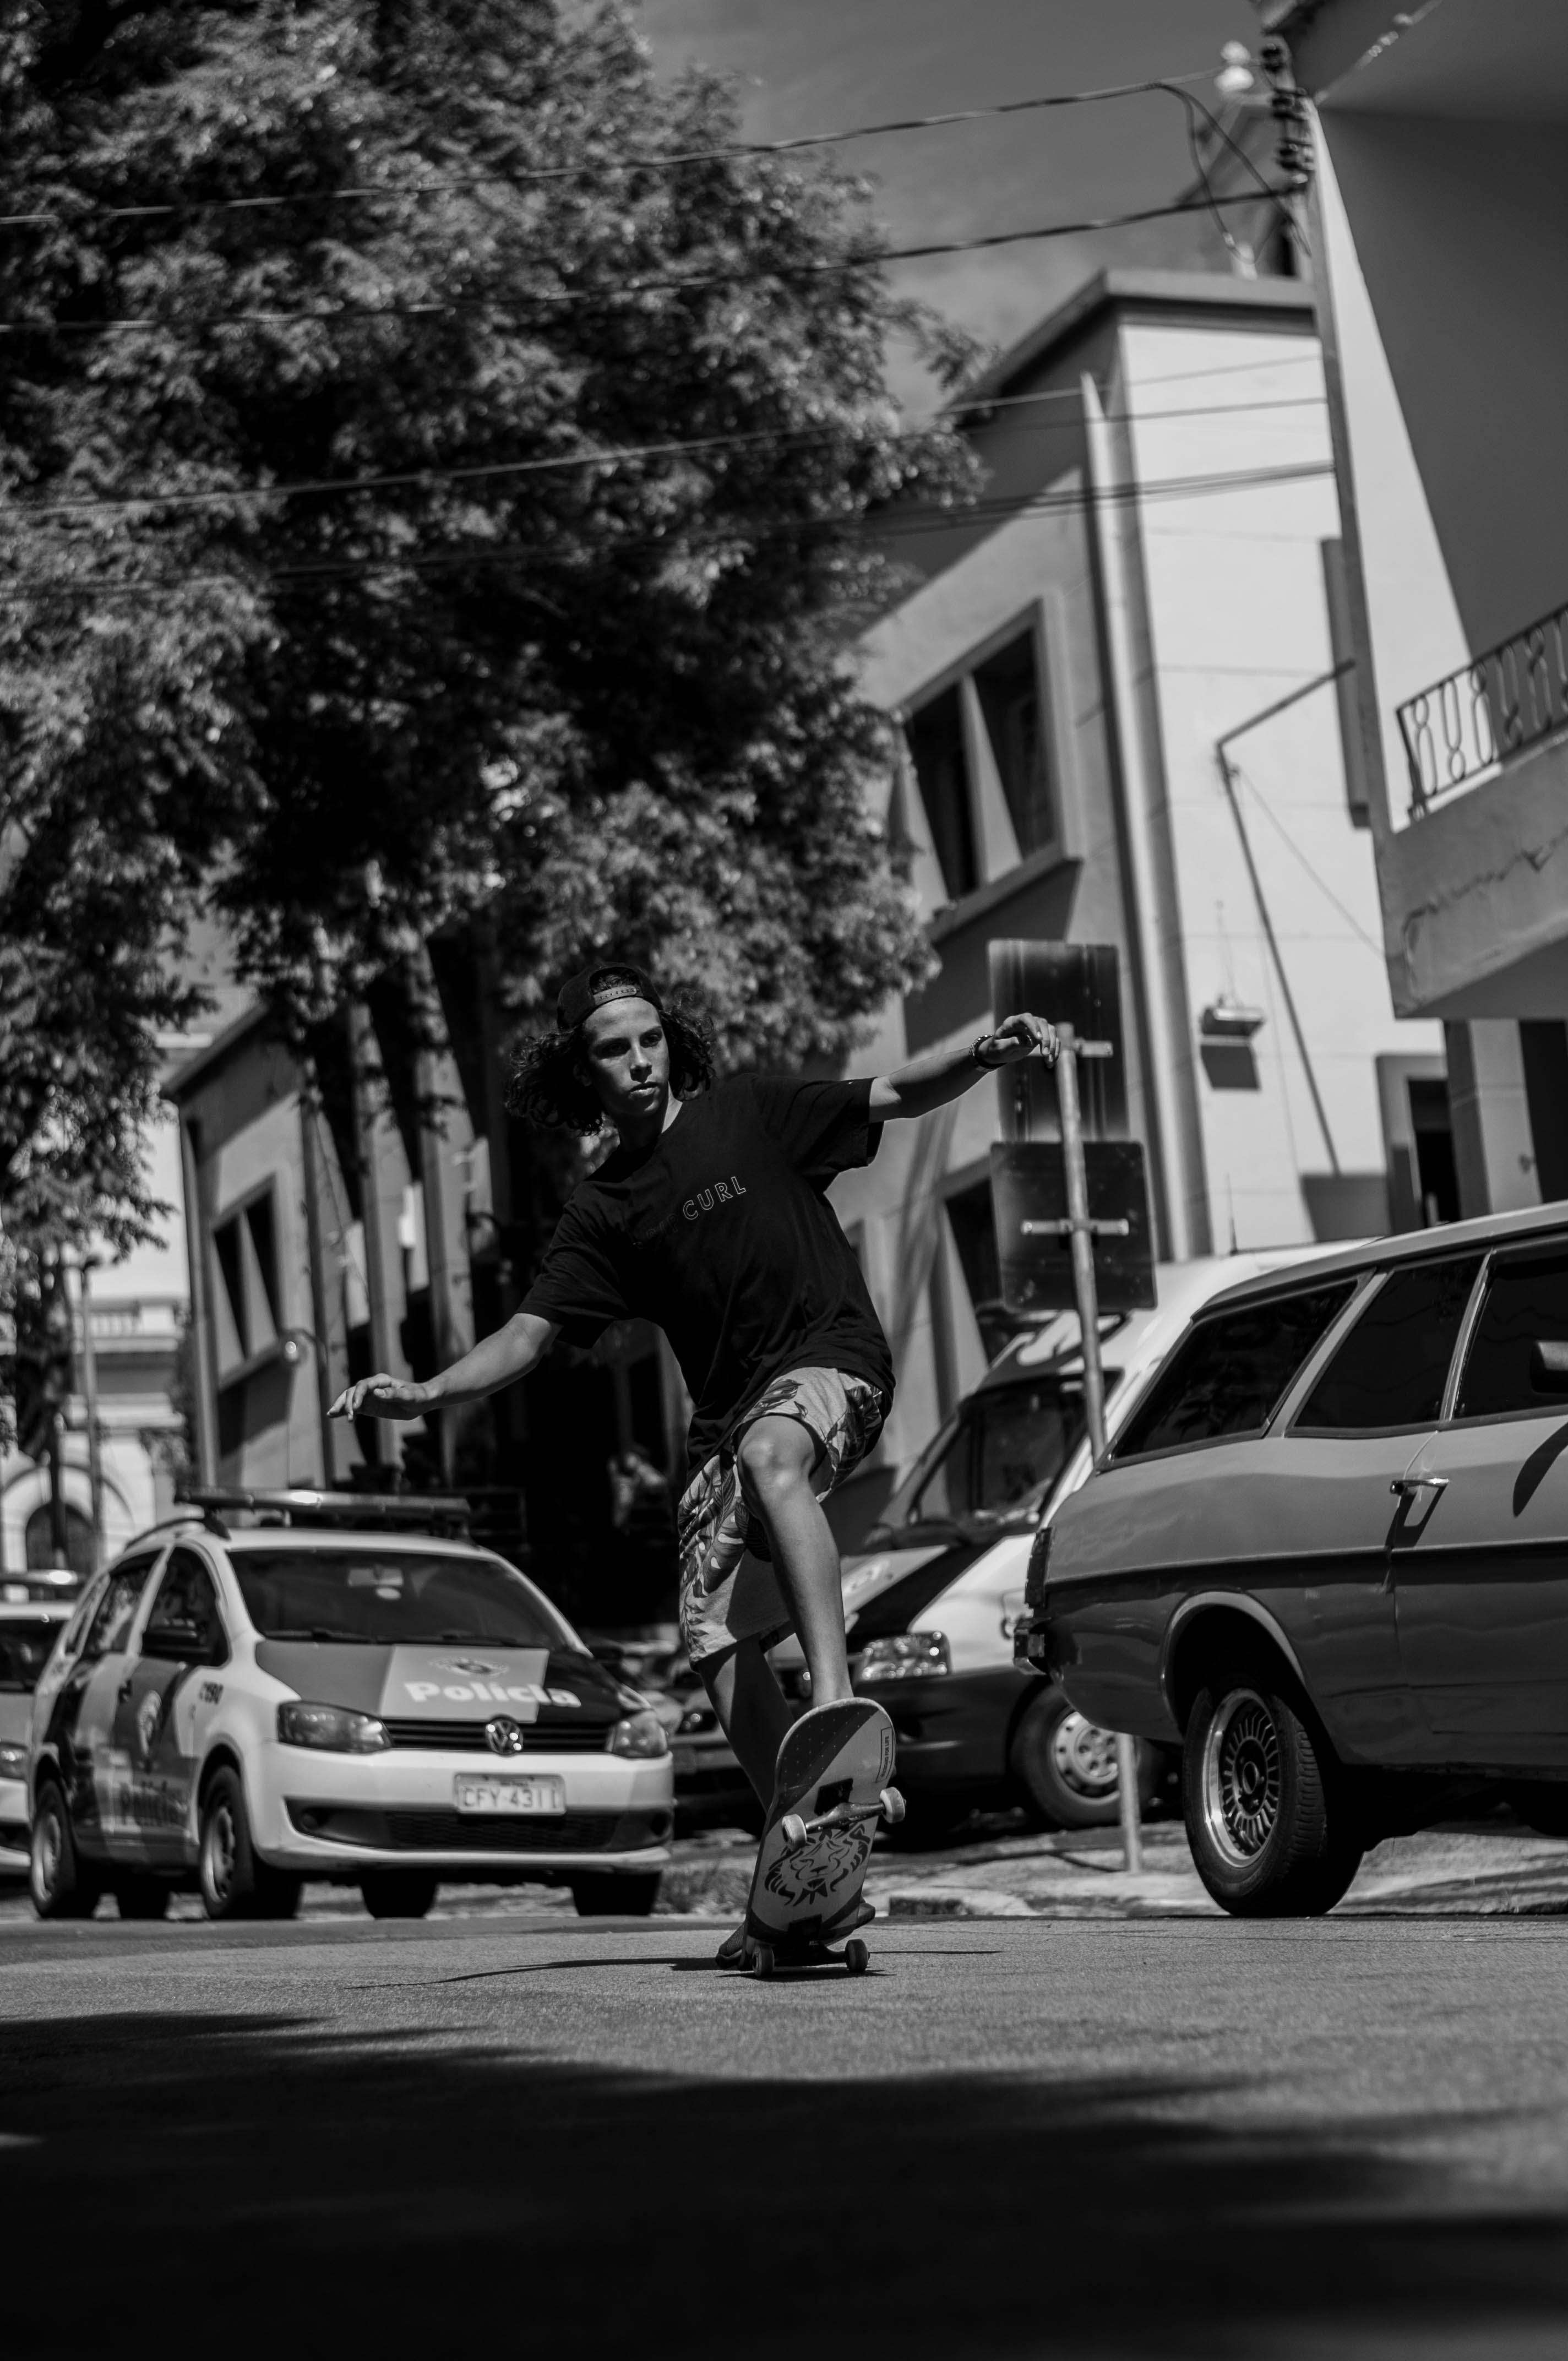 Fotos de stock gratuitas de blanco y negro, calle, carretera, coche